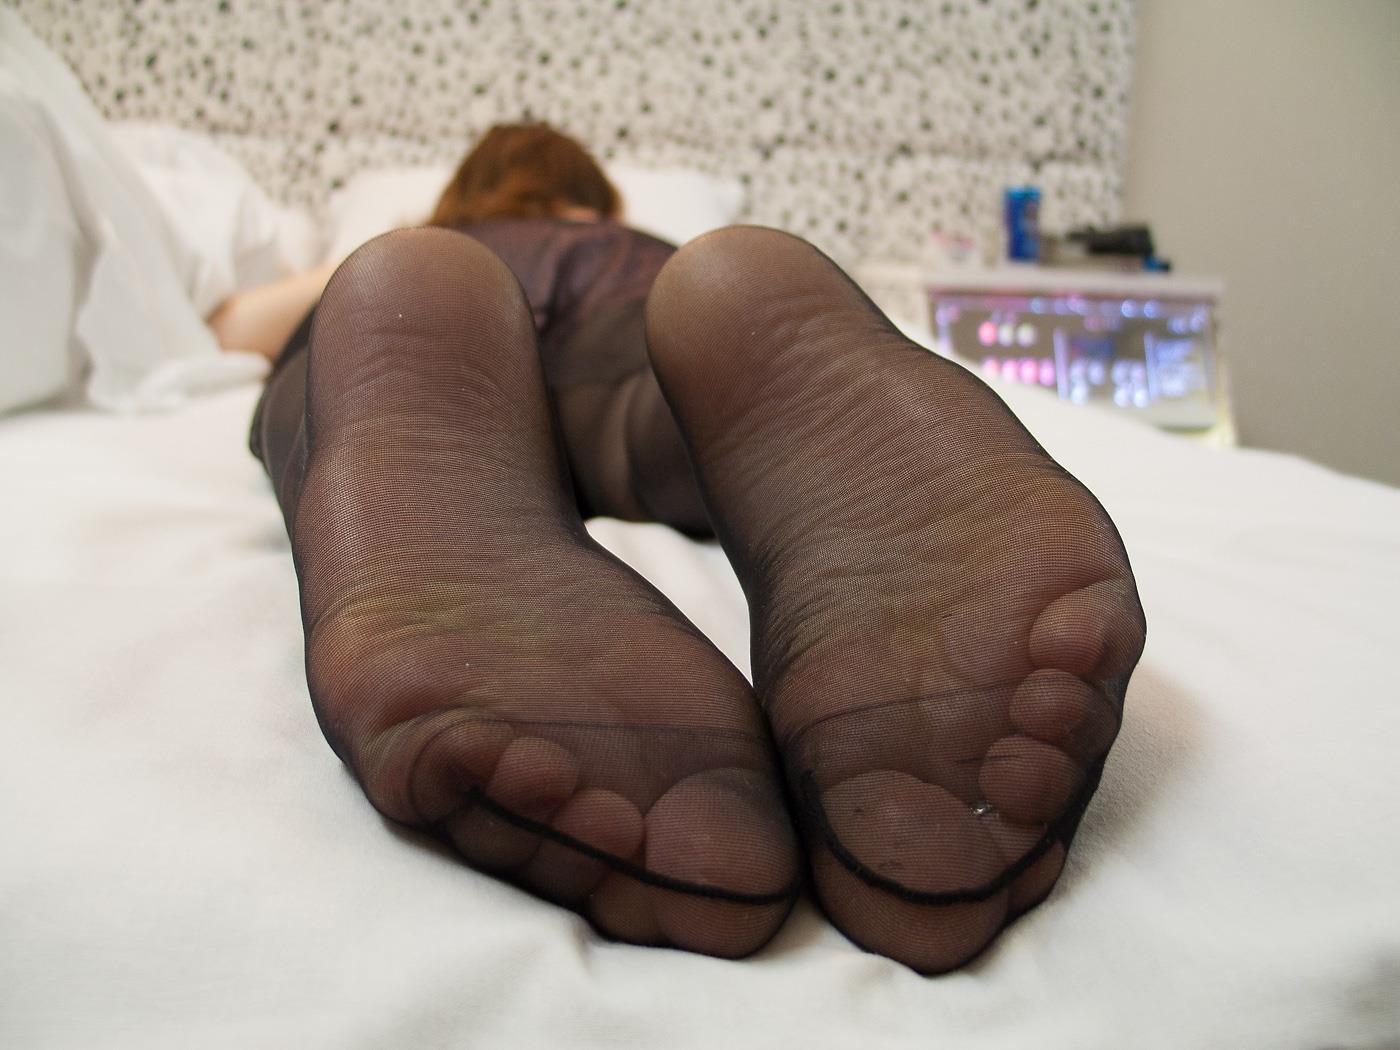 透けた黒パンストがエロイOLの足裏画像12枚目